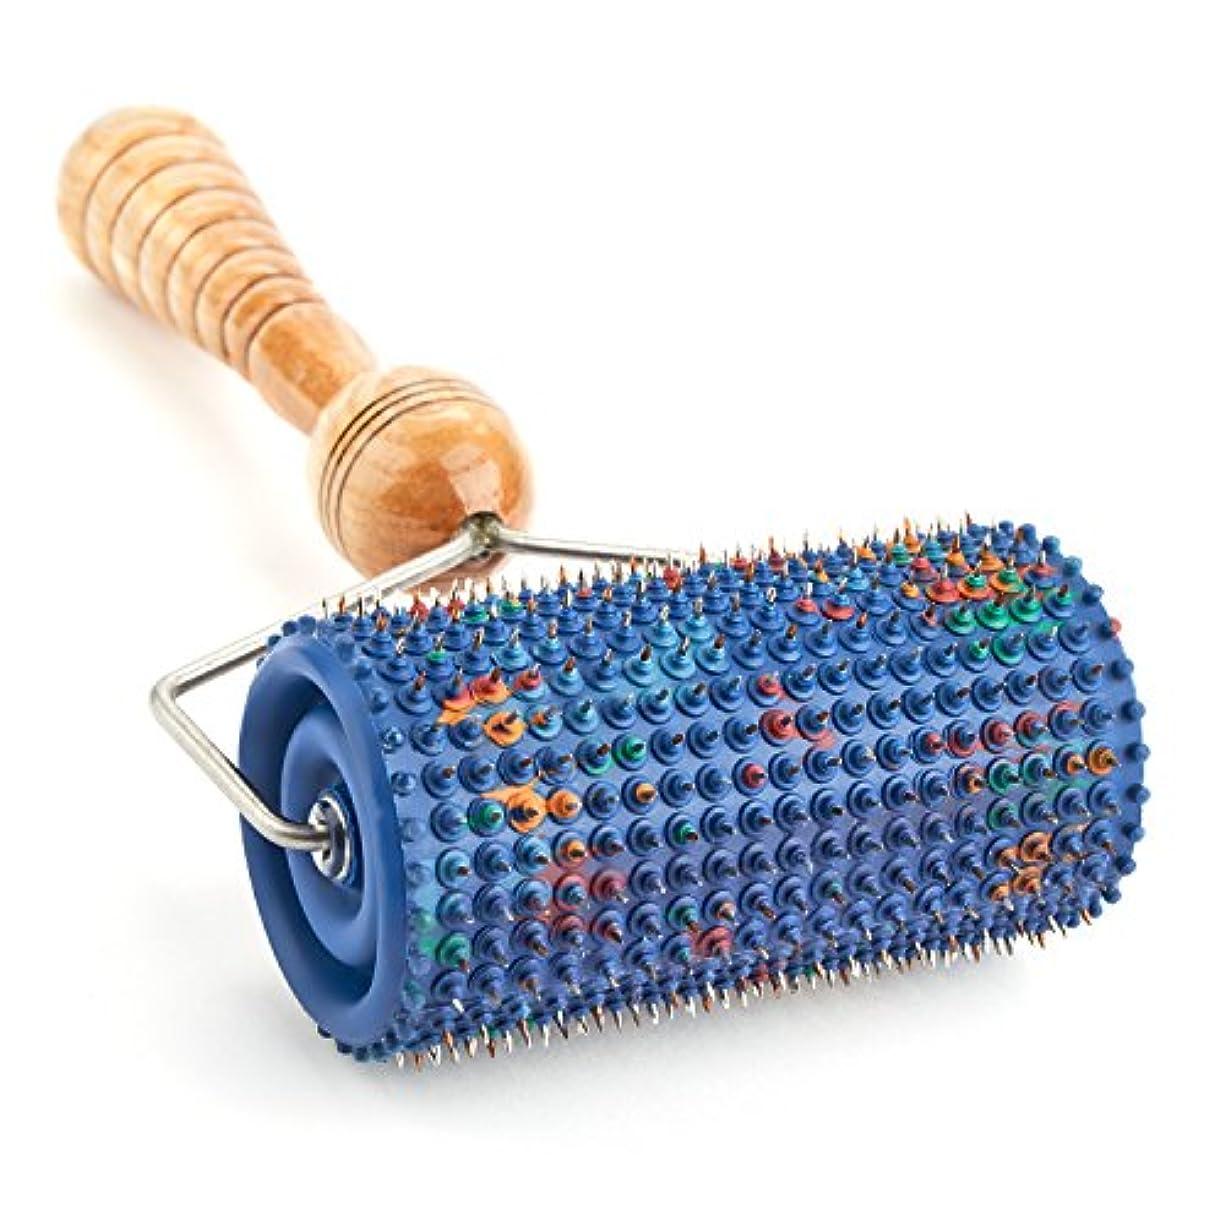 カラスアソシエイト郵便番号LYAPKOビッグローラーマッサージャー5.0 シルバーコーティング 指圧570針使用。体の広範囲のマッサージ用。ユニークなアプリケーター治療 セルフ ダイナミック マッサージ ツール Big Roller Massager...